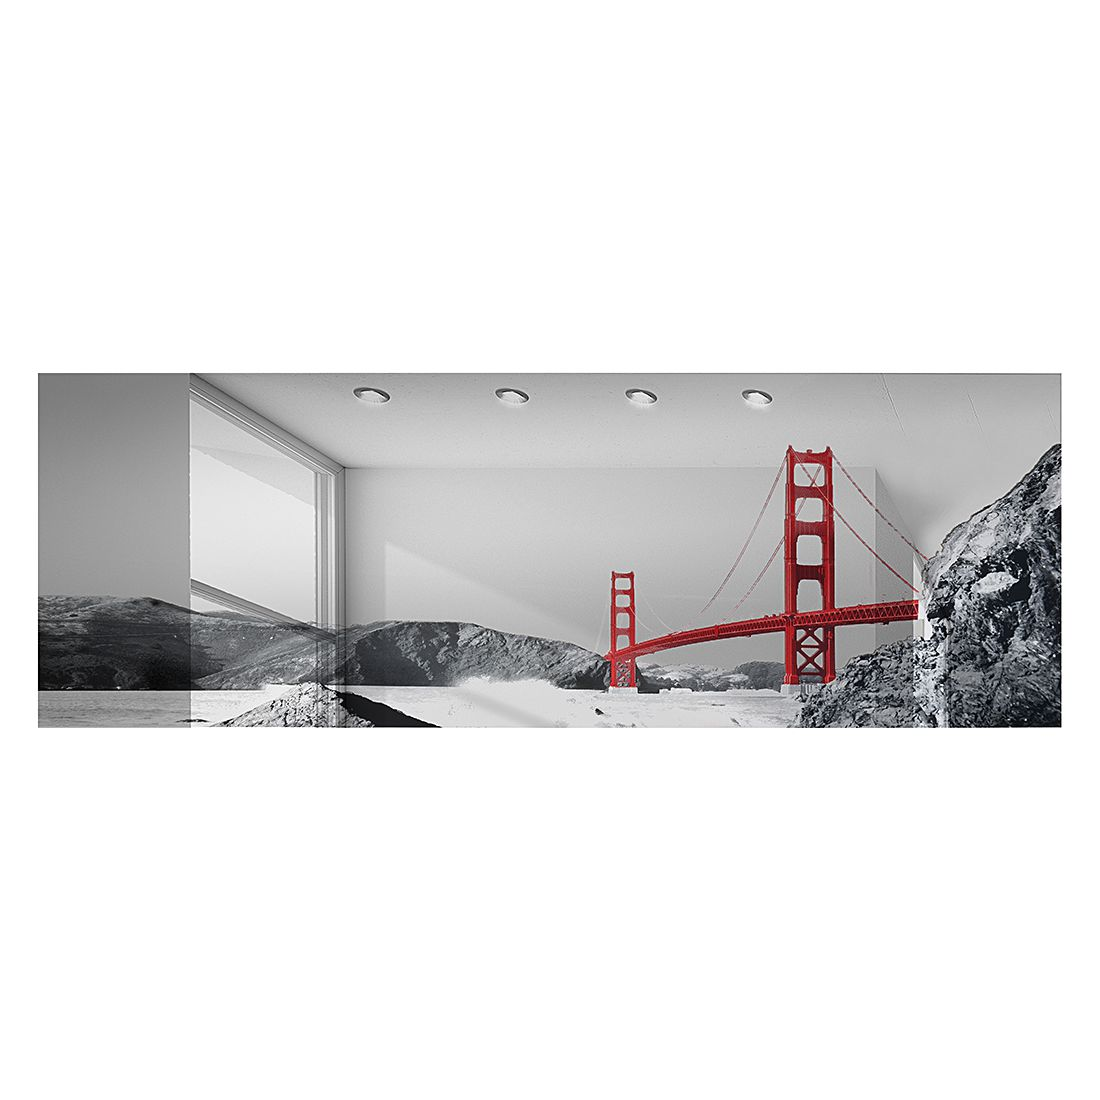 Spiegel Golden Gate Bridge – 120 x 40 cm, mooved jetzt kaufen